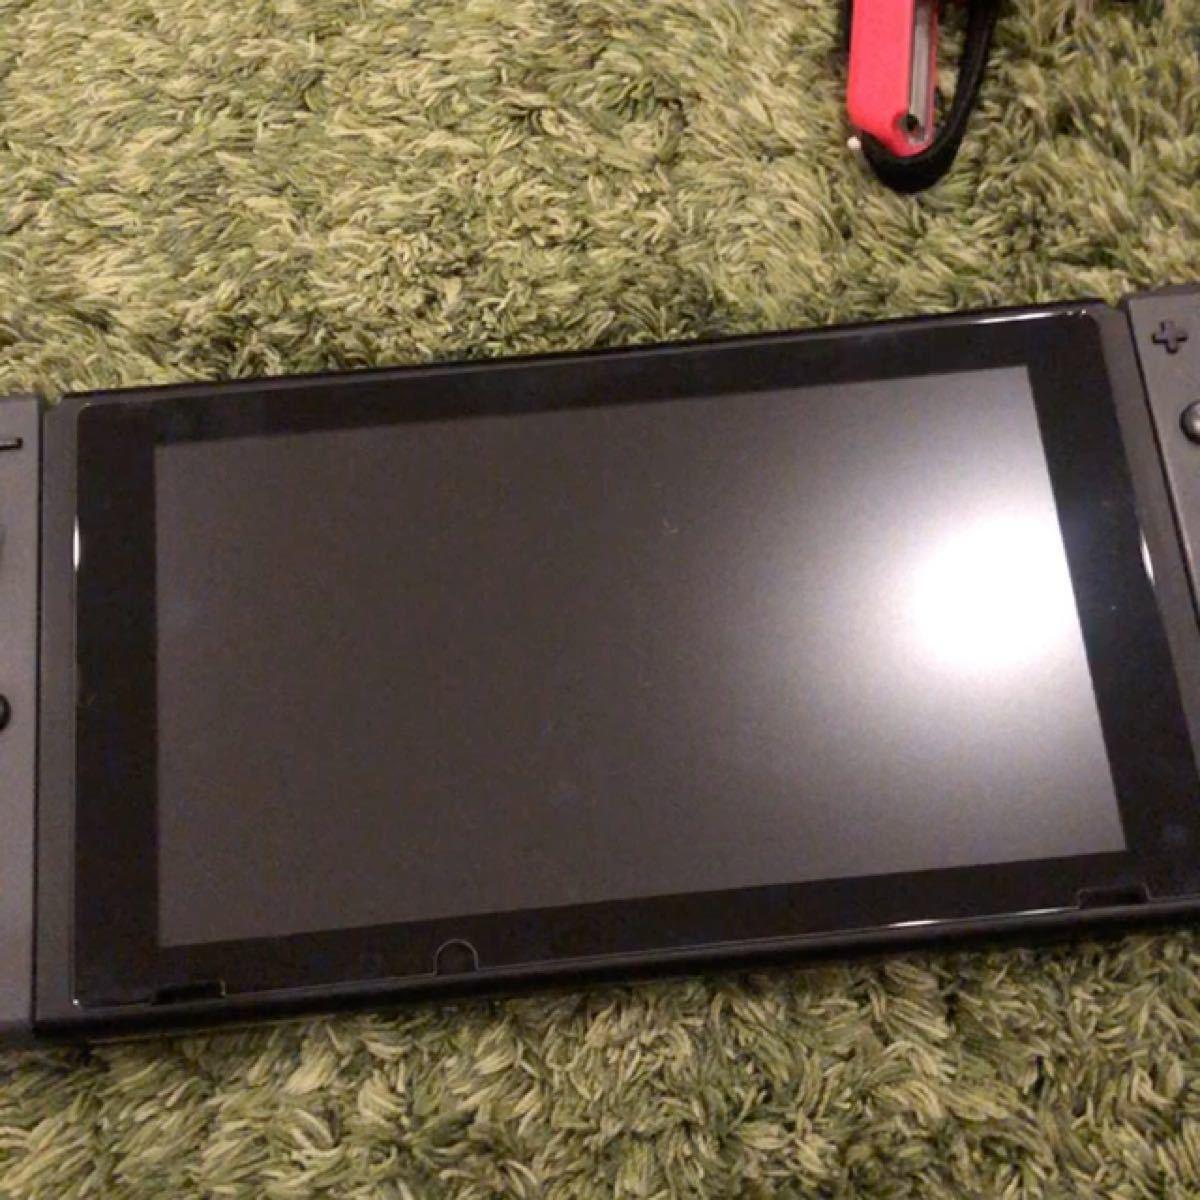 即日発送 Nintendo Switch ニンテンドースイッチ本体 任天堂 グレー